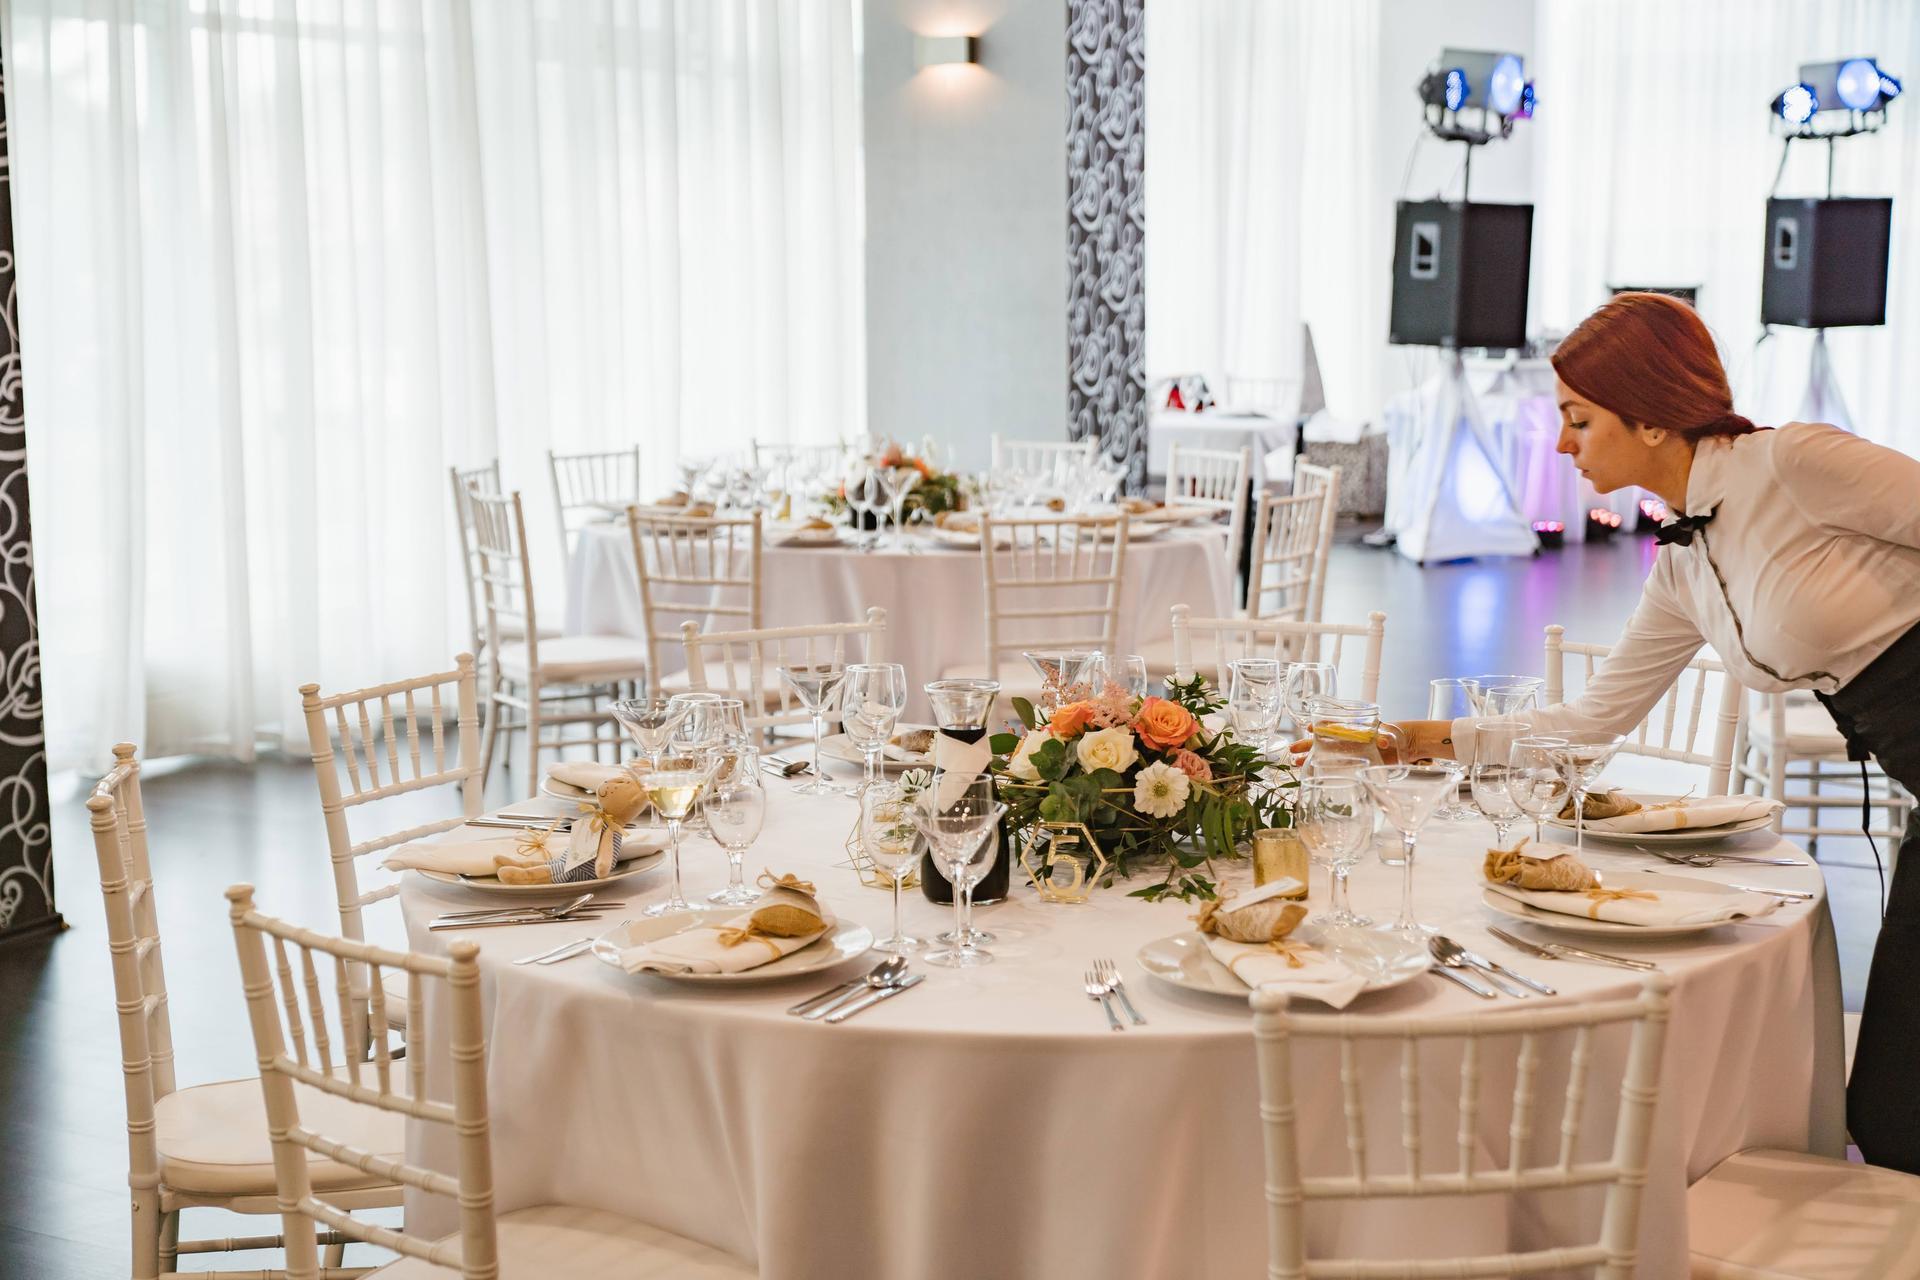 Opatrenia sa pomaličky uvoľňujú a vy ešte nemáte priestor na Vašu svadobnú hostinu? Maranello-ristorante je to ideálne miesto! Kontaktujte nás mailom na info@maranello-ristorante.sk alebo na tel.č.0948080180 - Obrázok č. 1